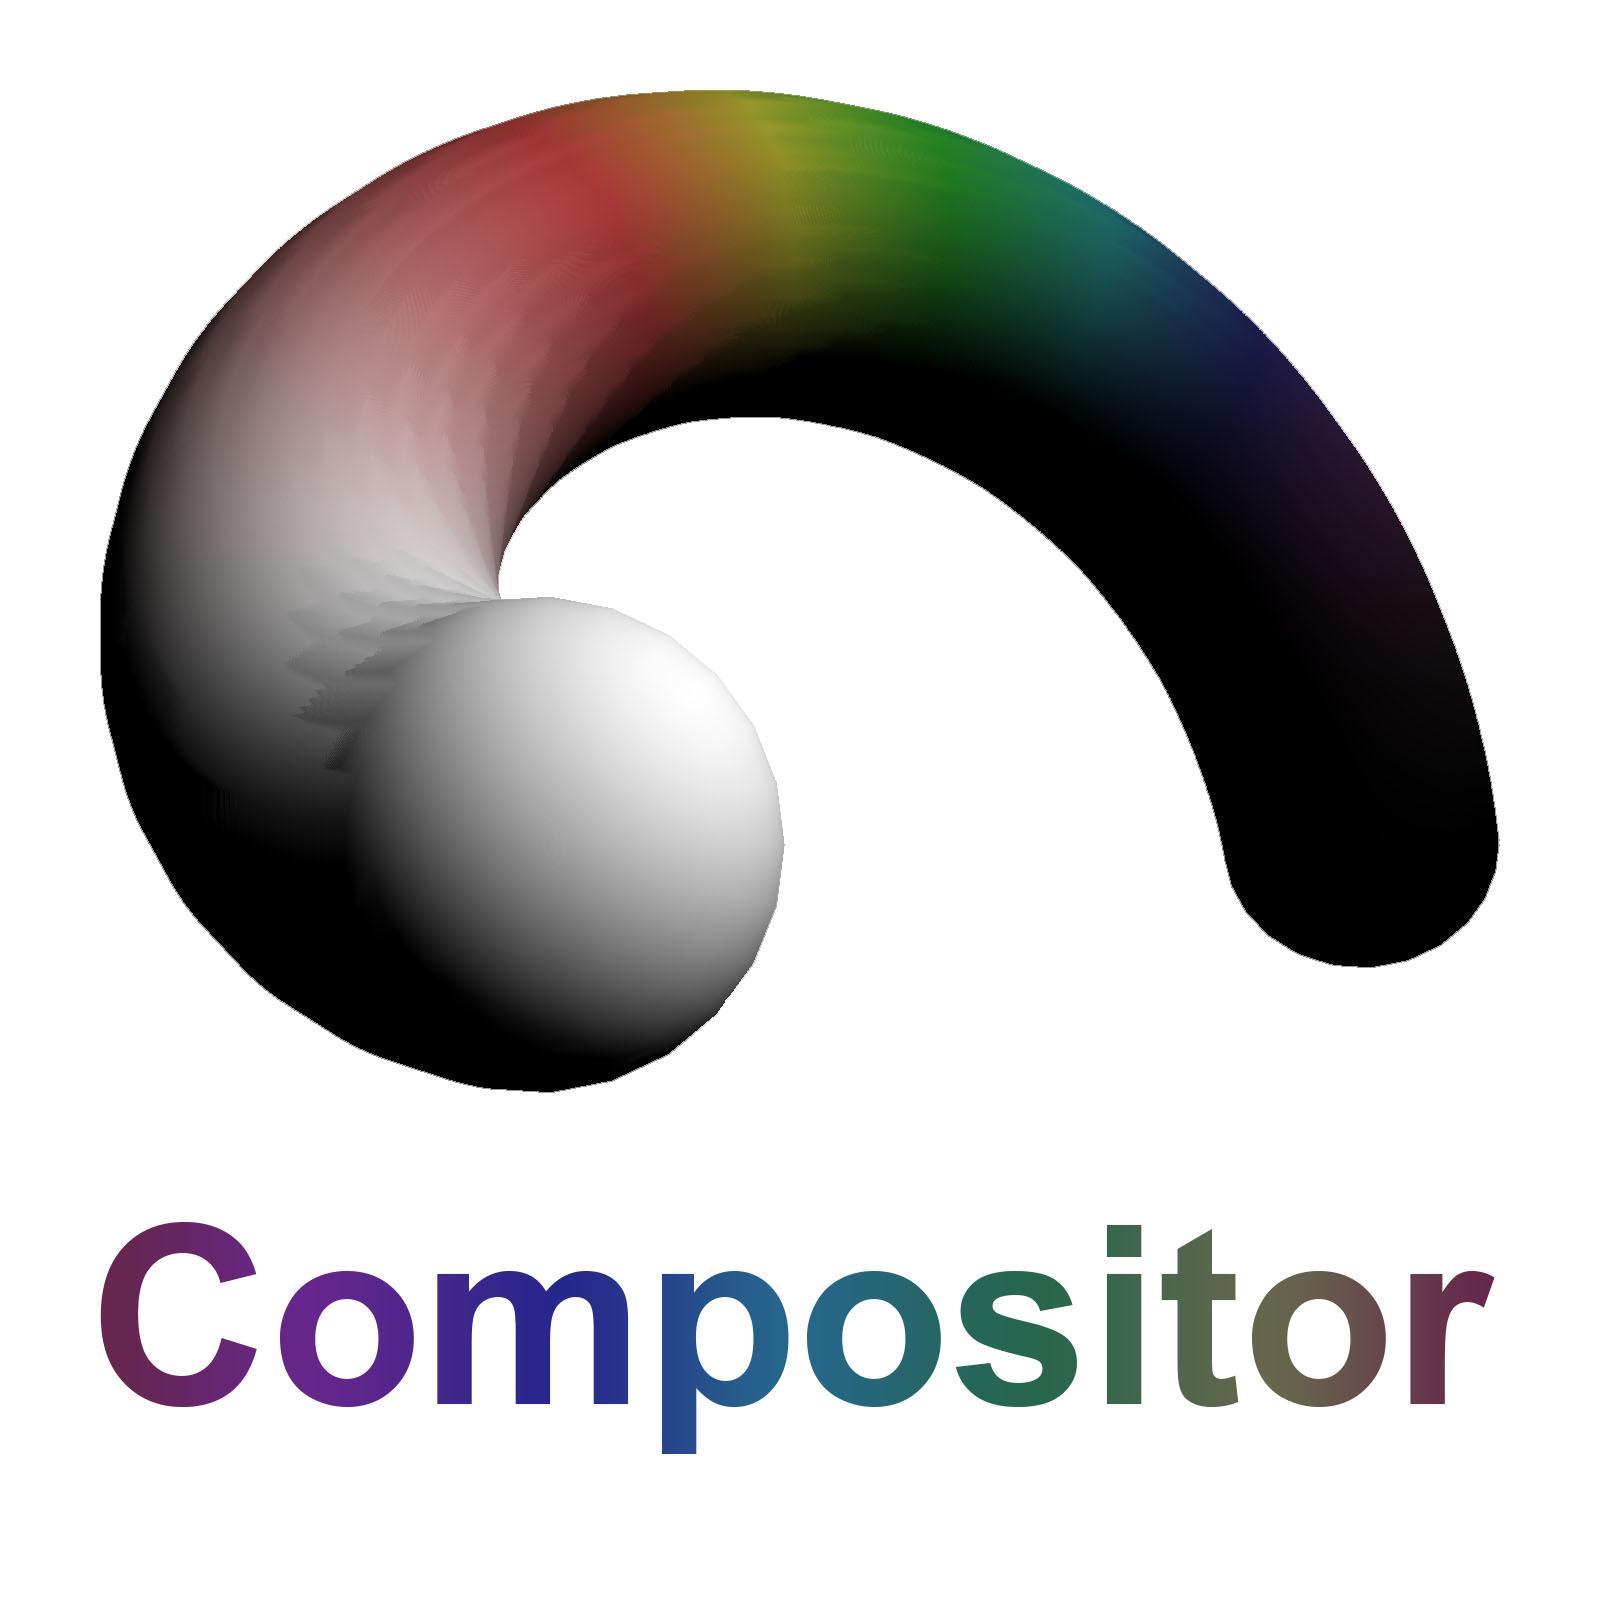 Compositor logo v2 1600x1600 300dpi